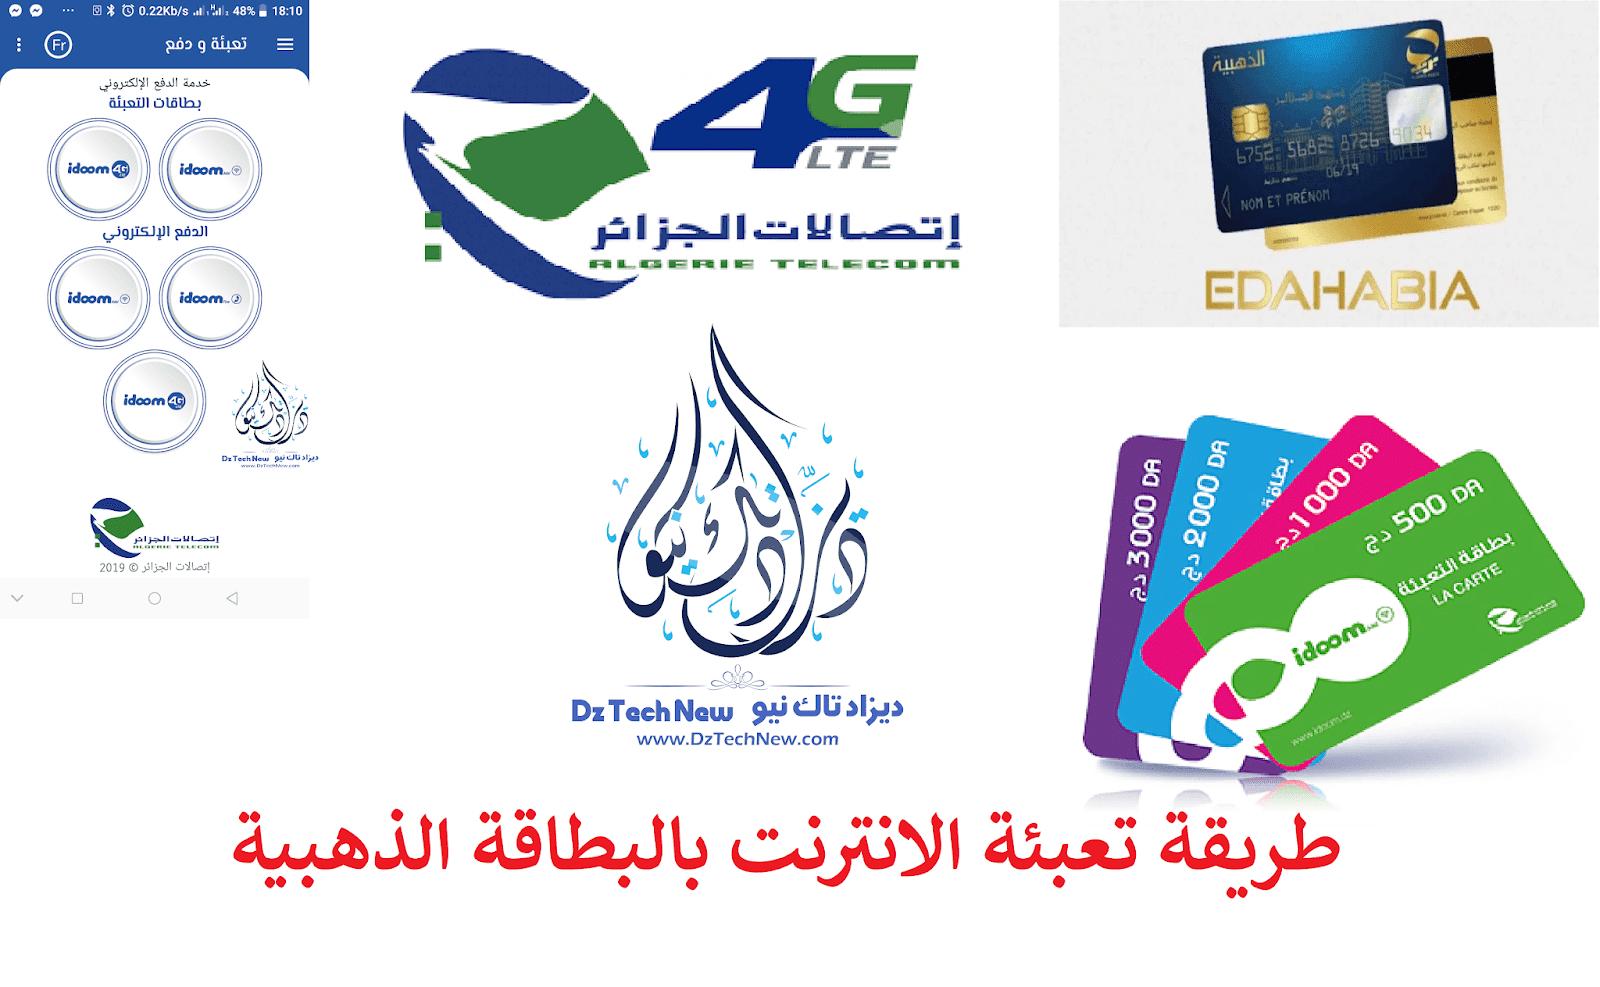 تعبئة رصيد الانترنت ADSL لاتصالات الجزائر بالبطاقة الذهبية و التطبيق الرسمي